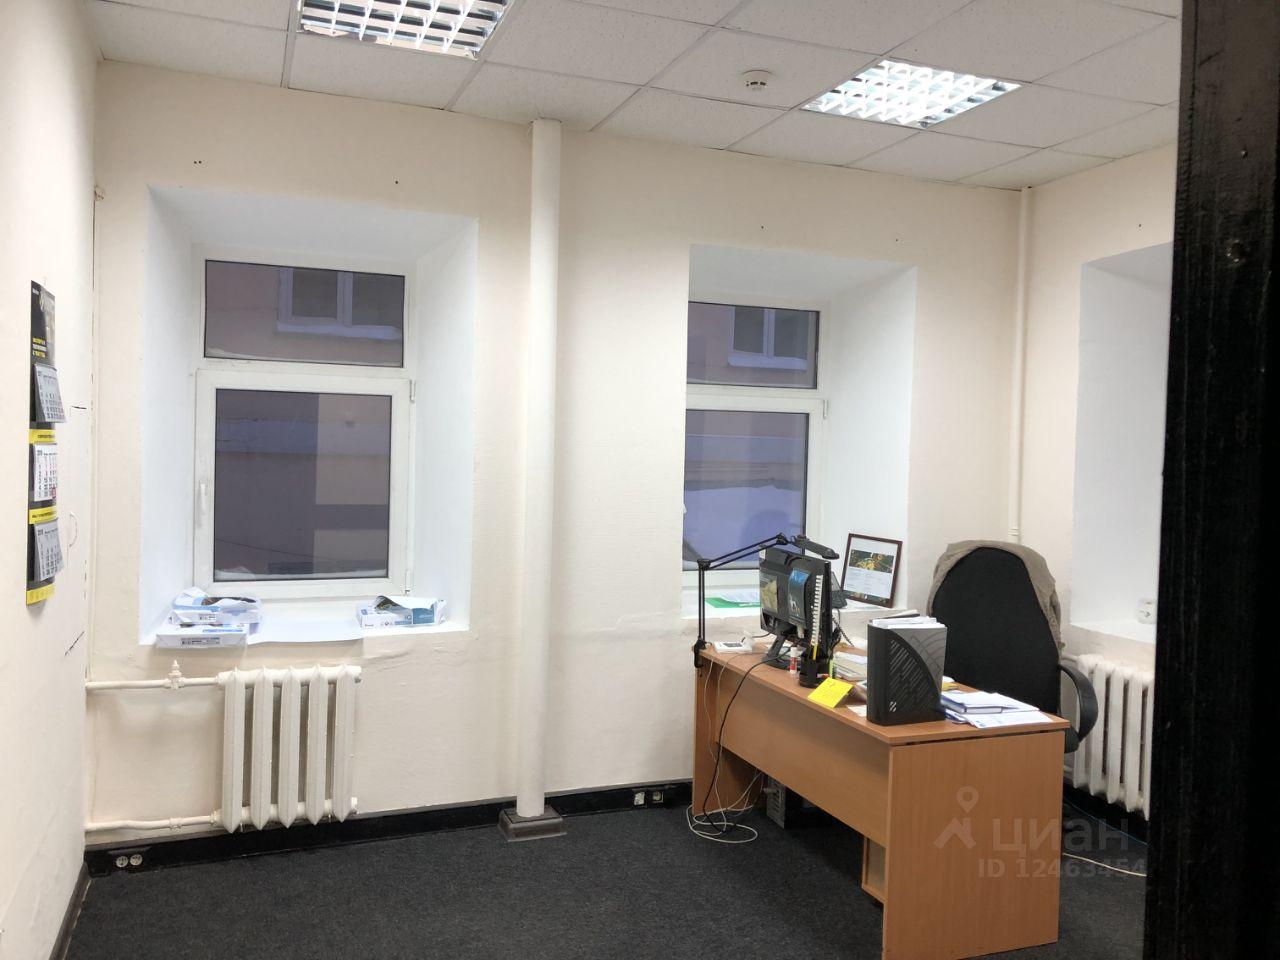 Аренда офиса в москве м.таганская офисные помещения под ключ Очаковская улица